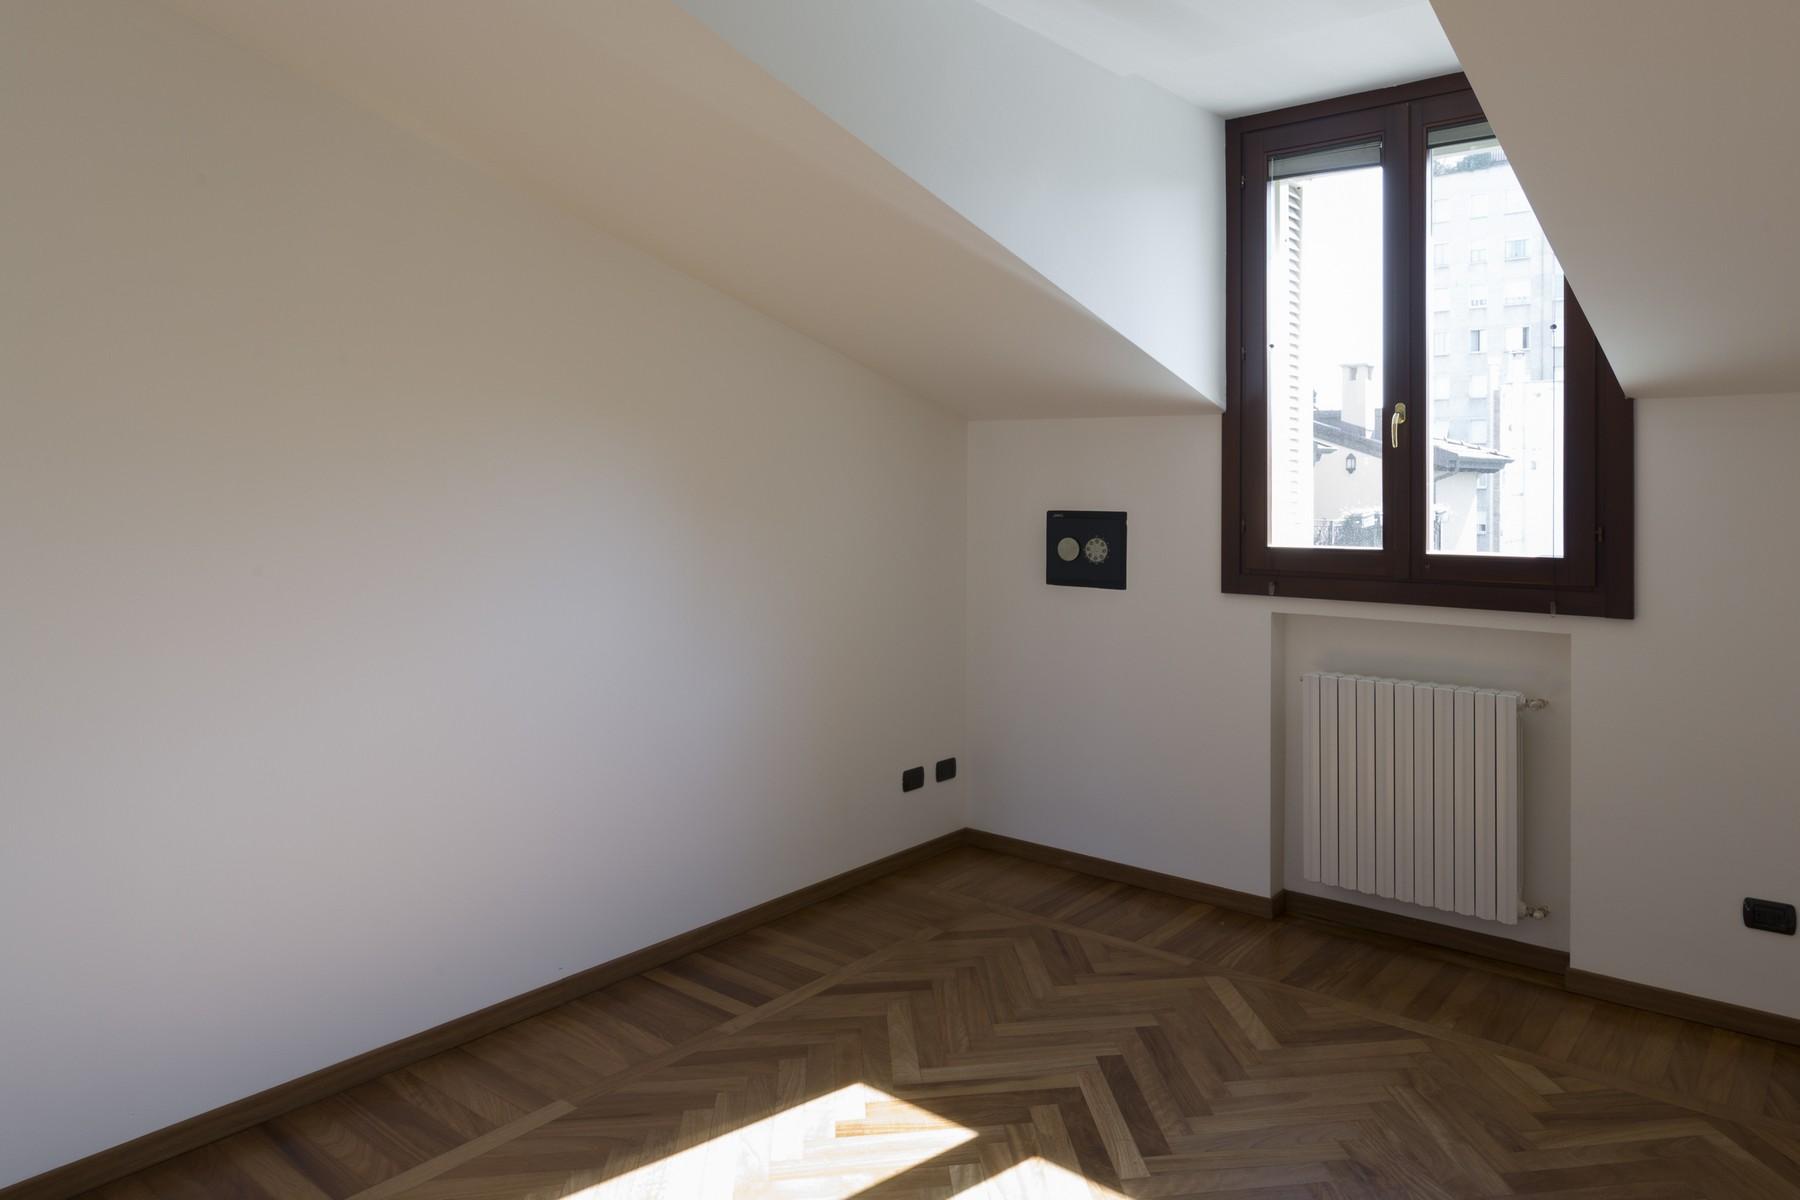 Appartamento di lusso in affitto a milano porta viale di for Appartamento design affitto milano